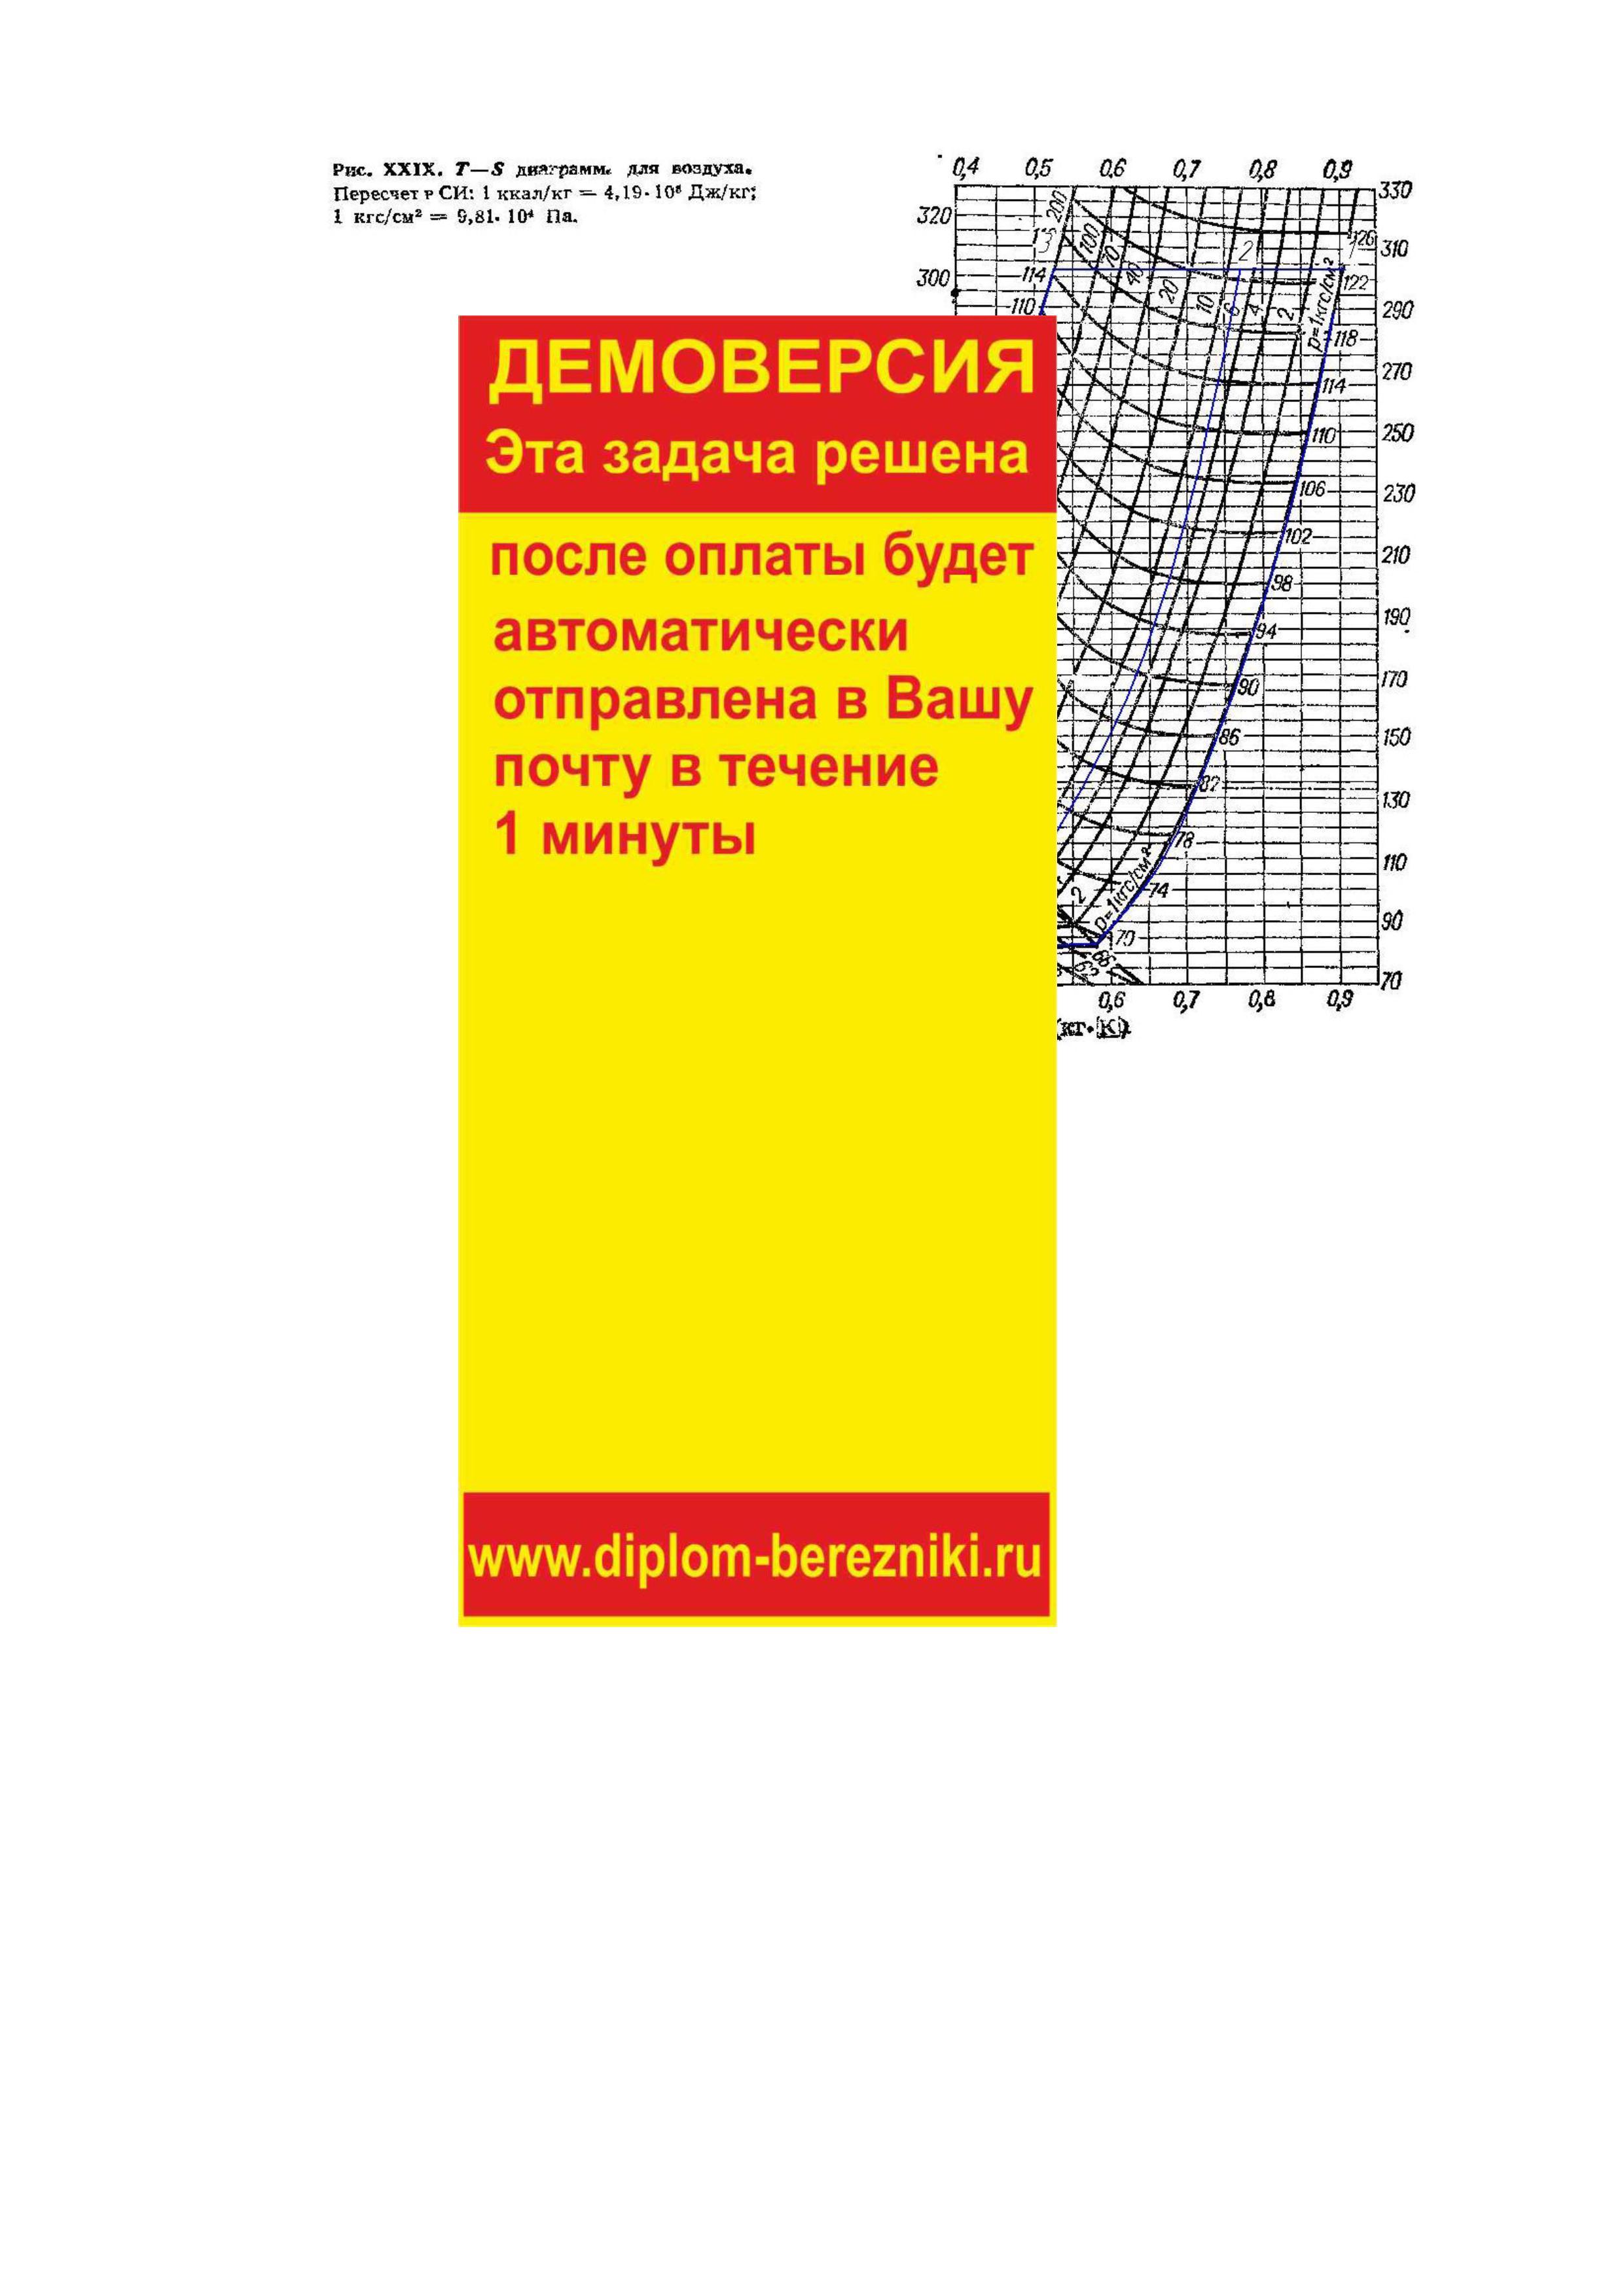 Решение задачи 11.22  по ПАХТ из задачника Павлова Романкова Носкова